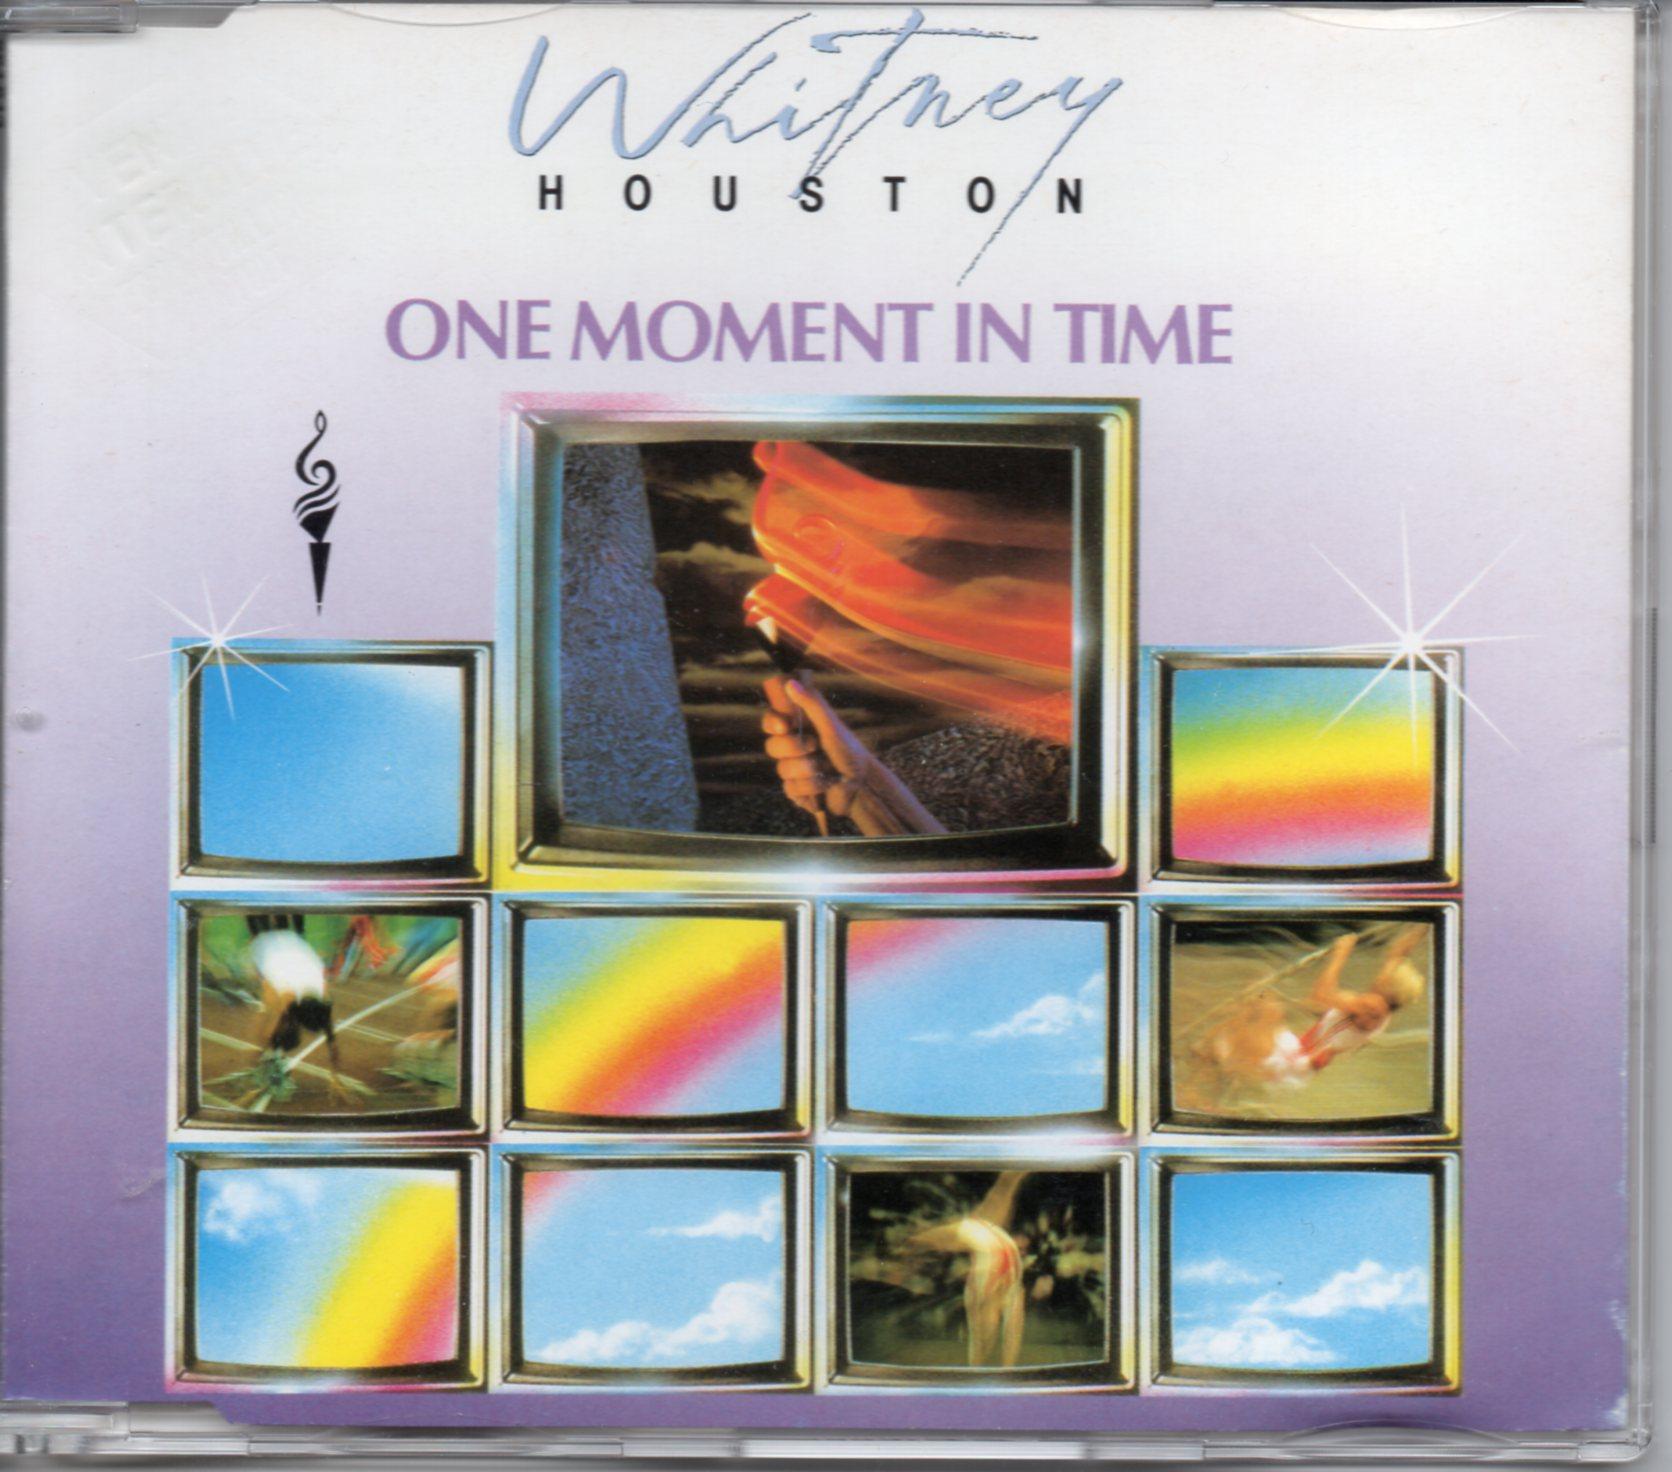 WHITNEY HOUSTON - JERMAINE JACKSON - KASHIF - One moment in time 4-track jewel case - CD Maxi